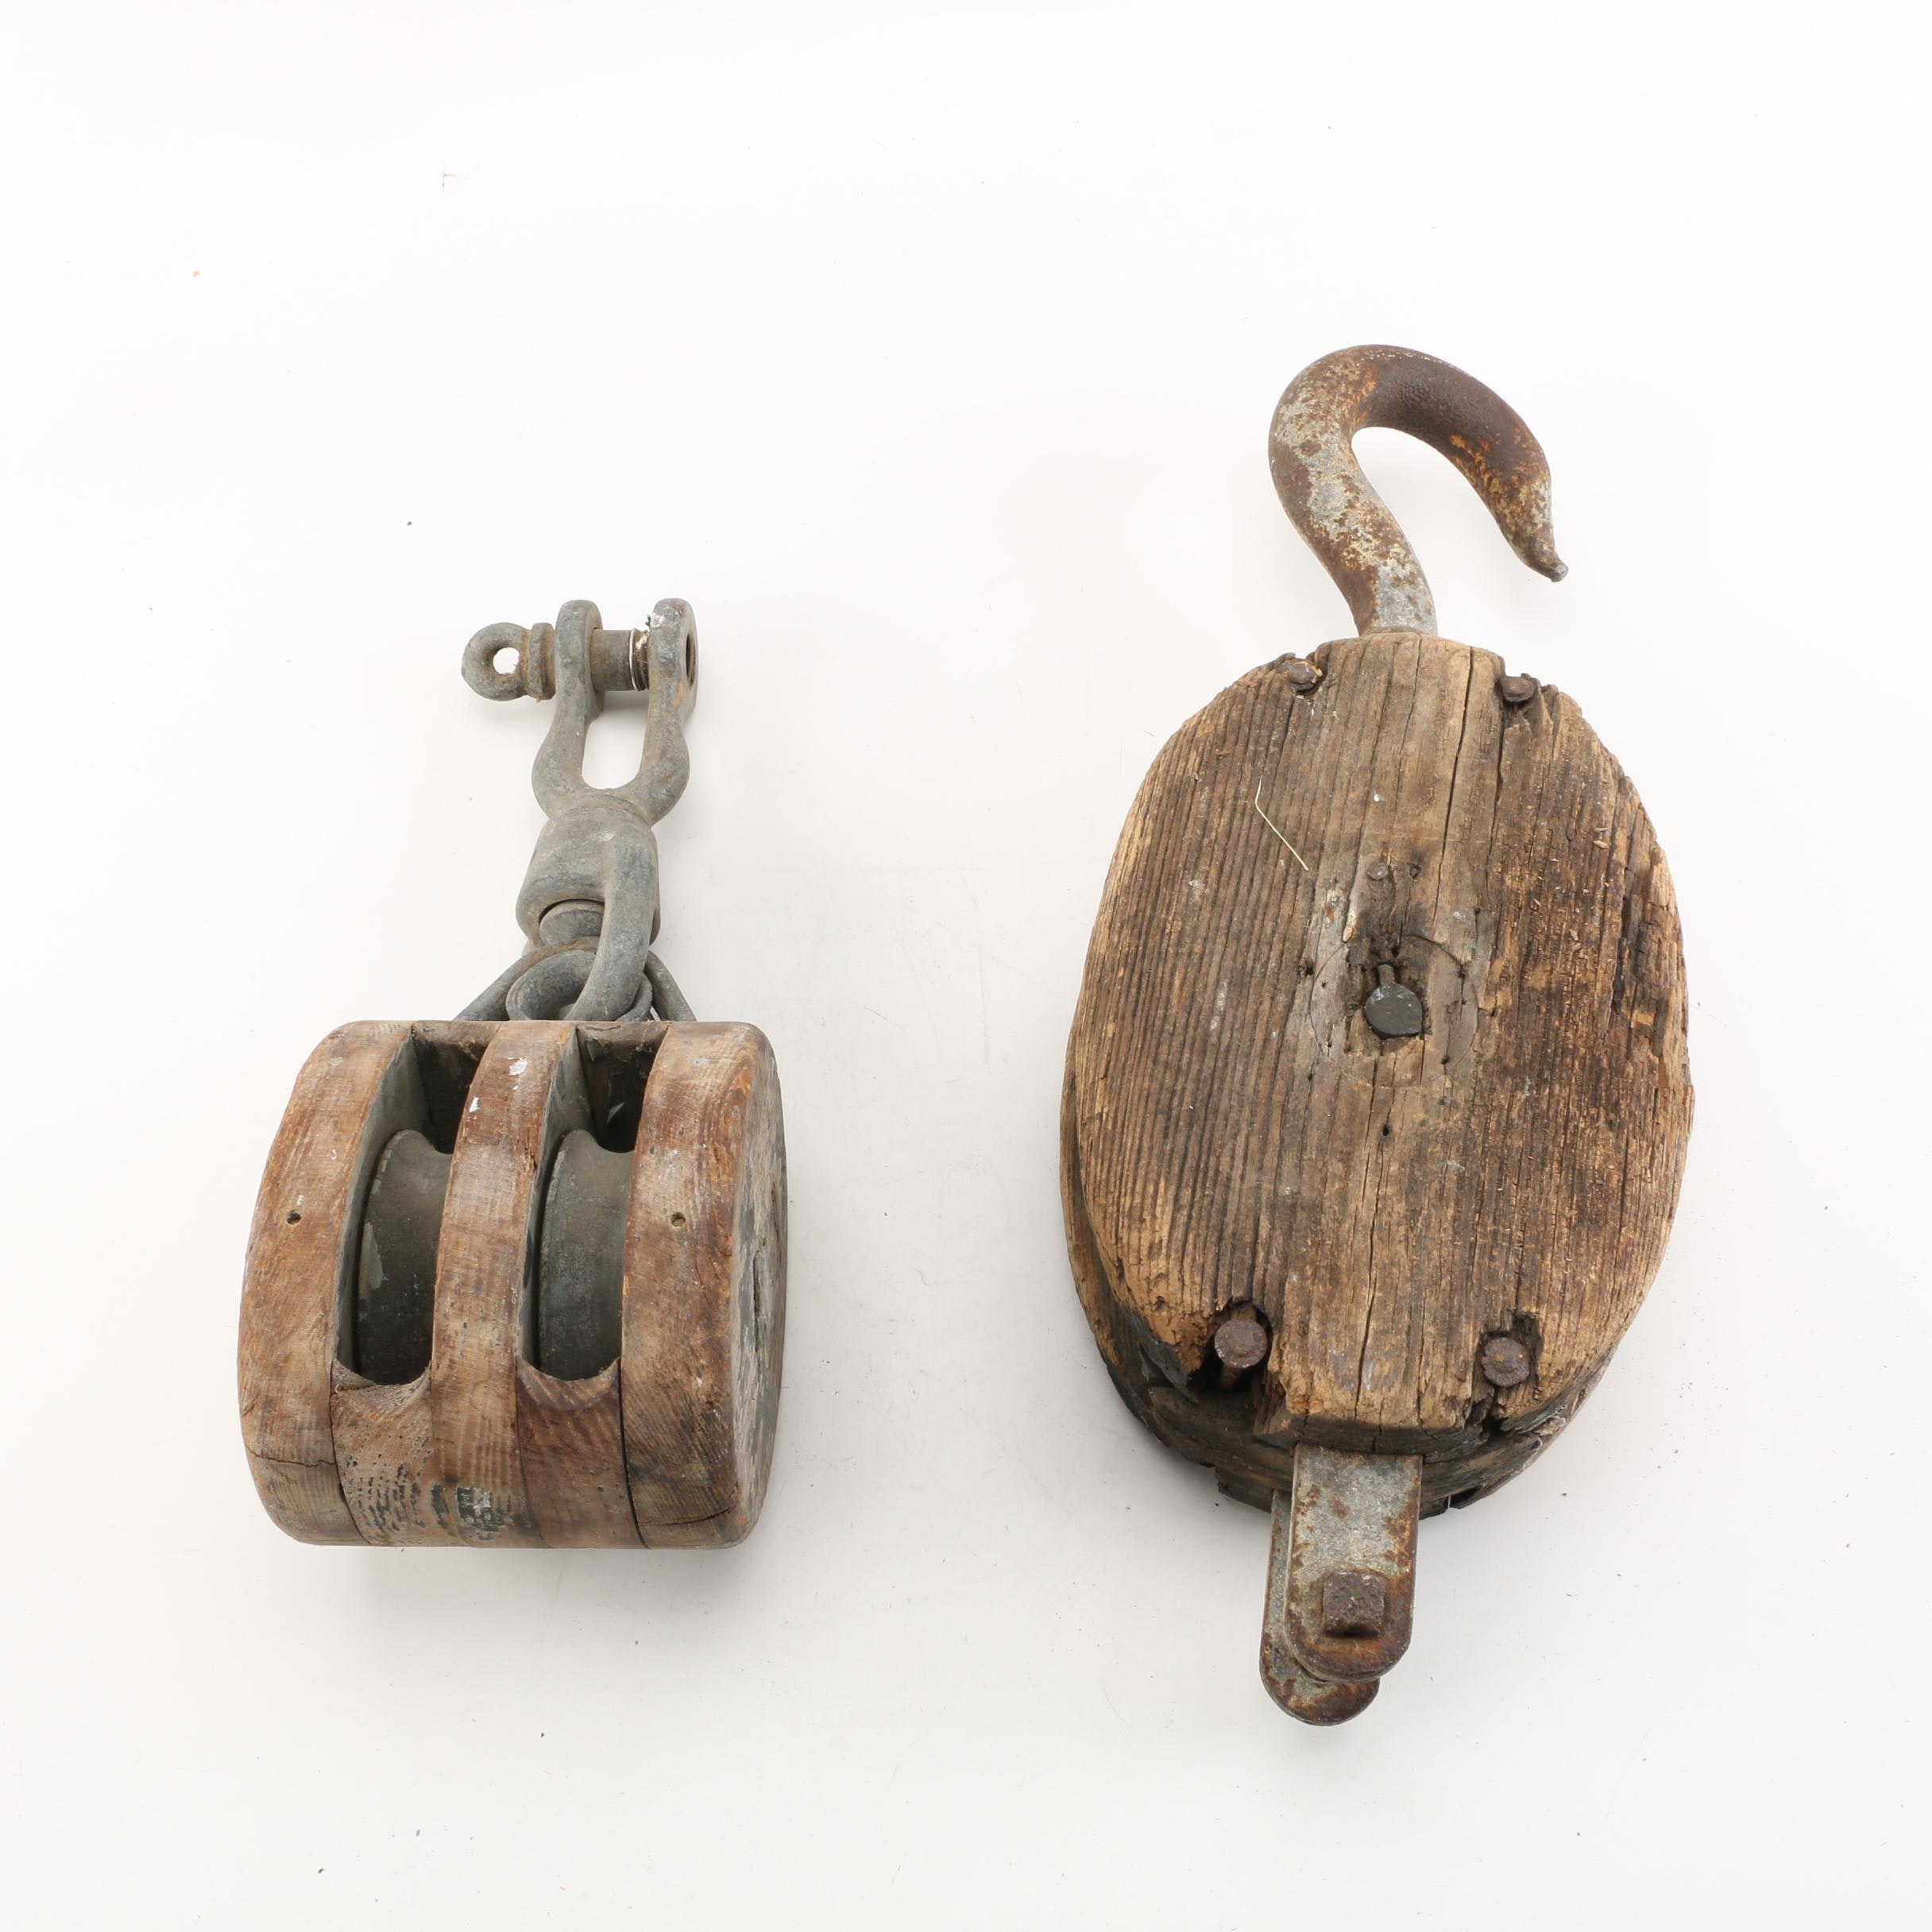 Vintage Wood and Metal Pulleys